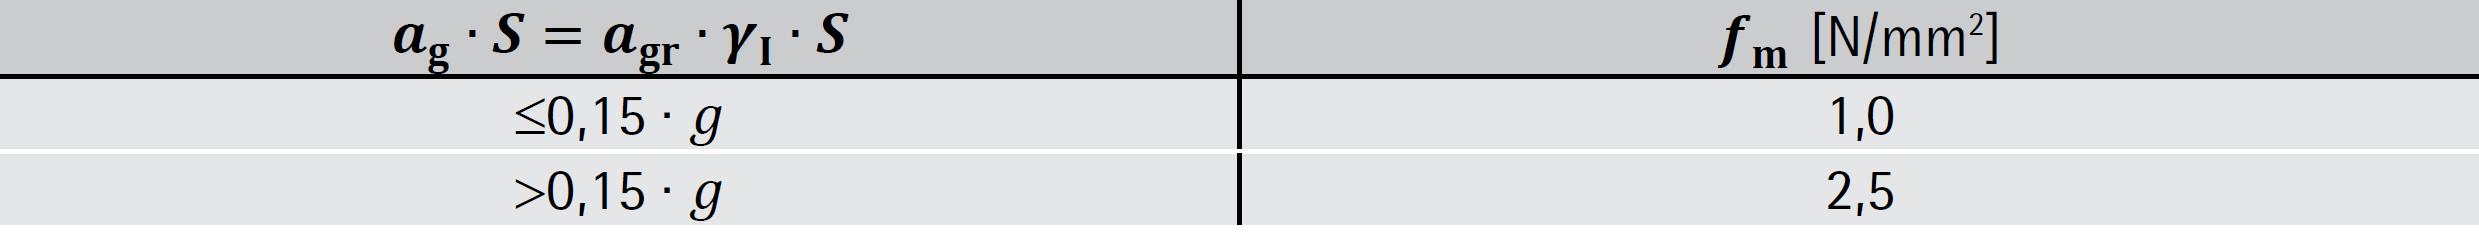 Mindestfestigkeiten des Mauermörtels – ÖNORM B 1998-1